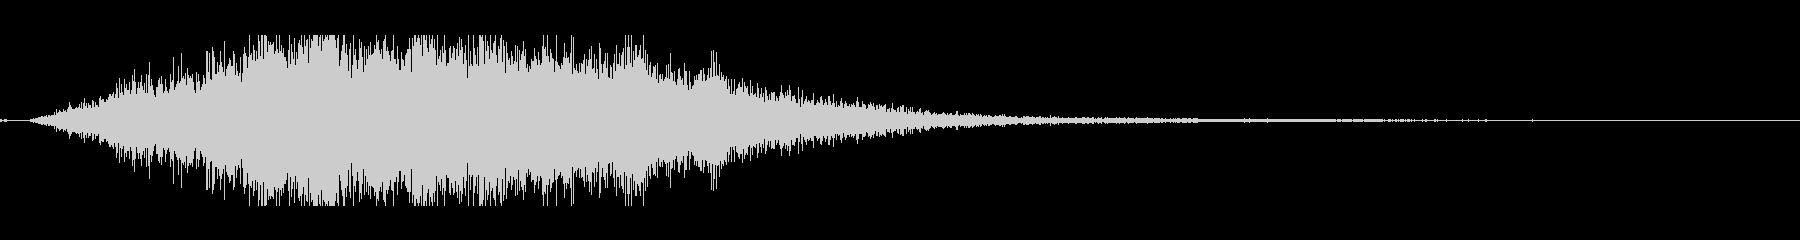 シンセパッド系・壮大なイメージの未再生の波形